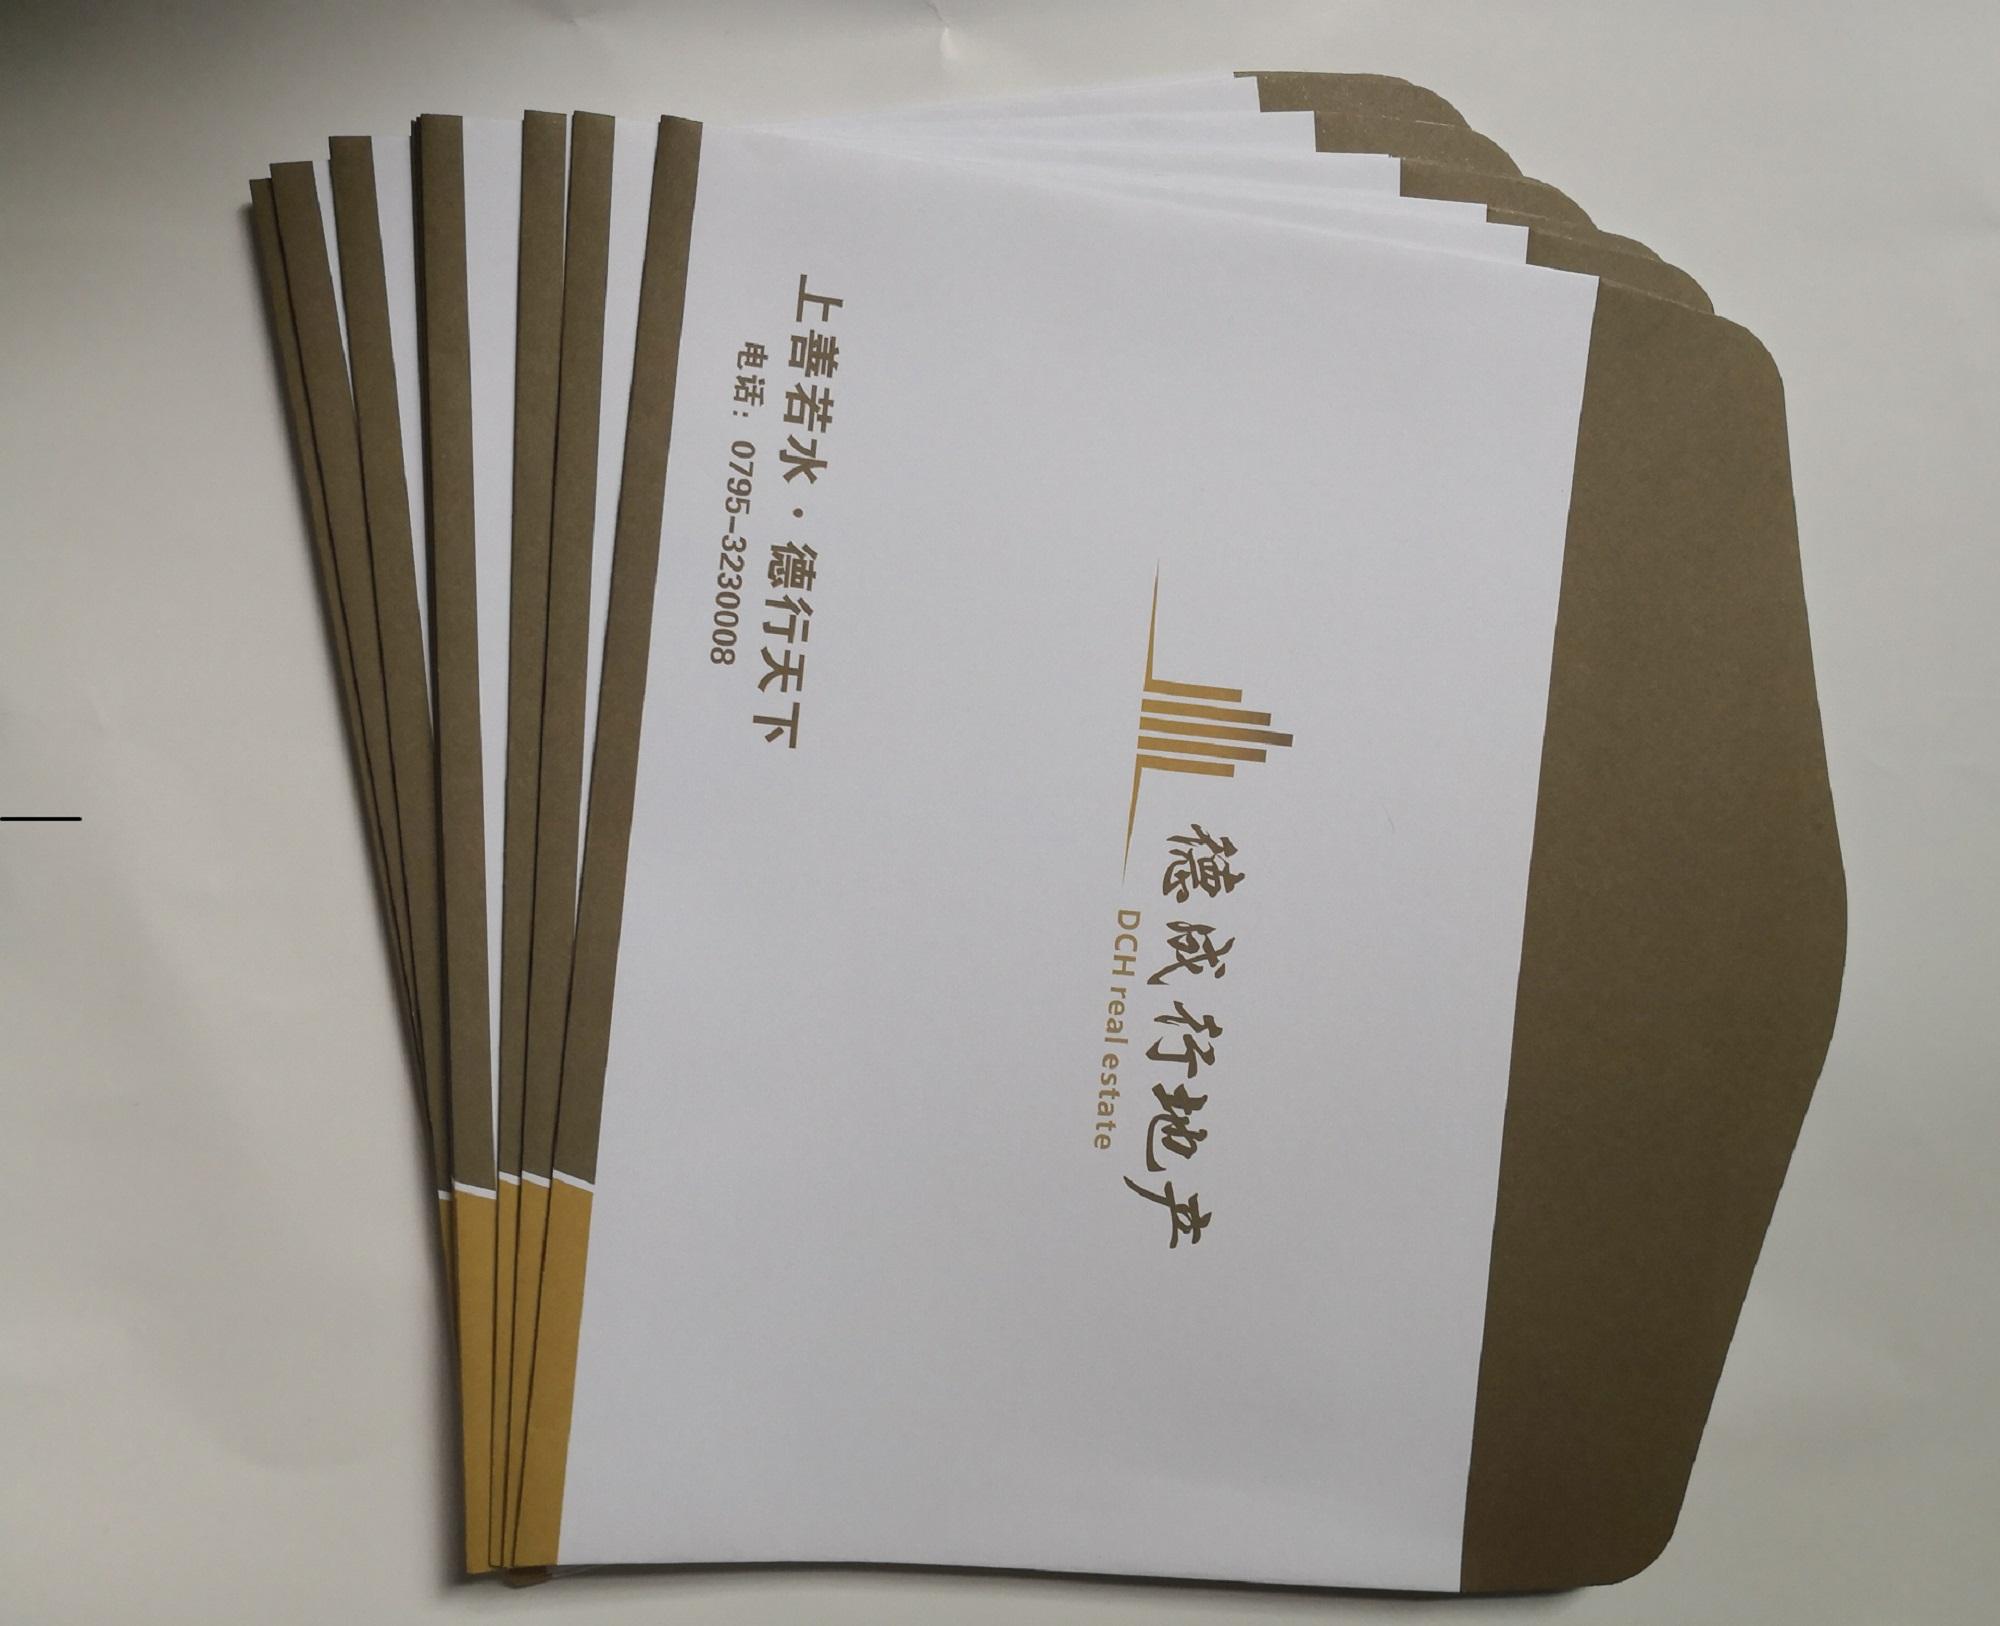 天水书纸信封定做牛皮纸档案档印刷公司厂家直销价格优惠